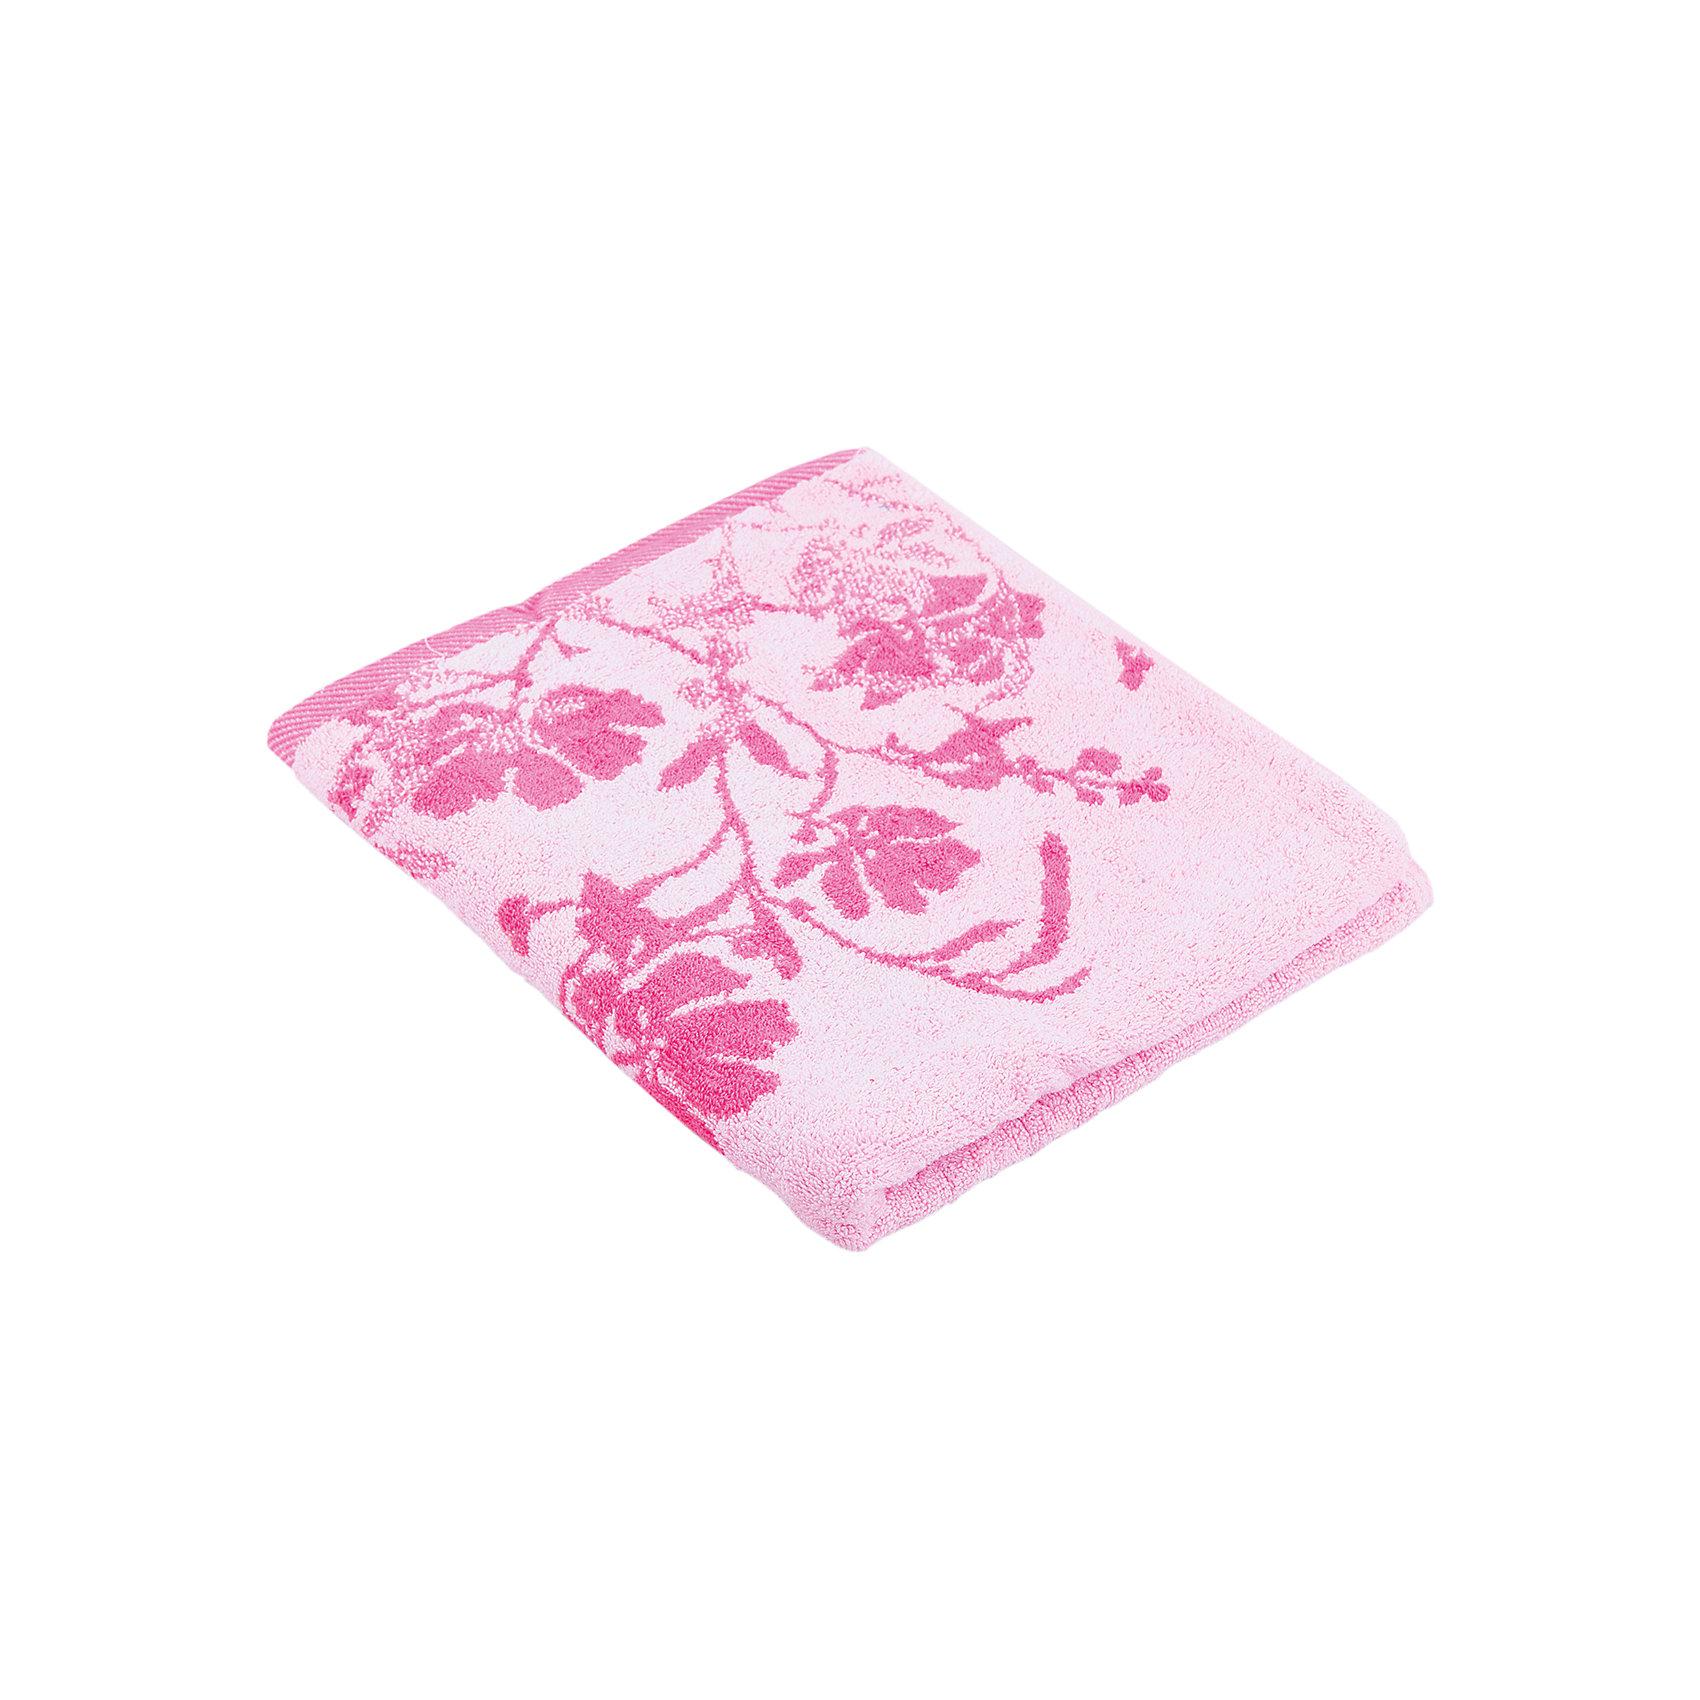 Любимый дом Полотенце махровое Космея 60*130, Любимый дом, розовый полотенца банные любимый дом полотенце 70х140